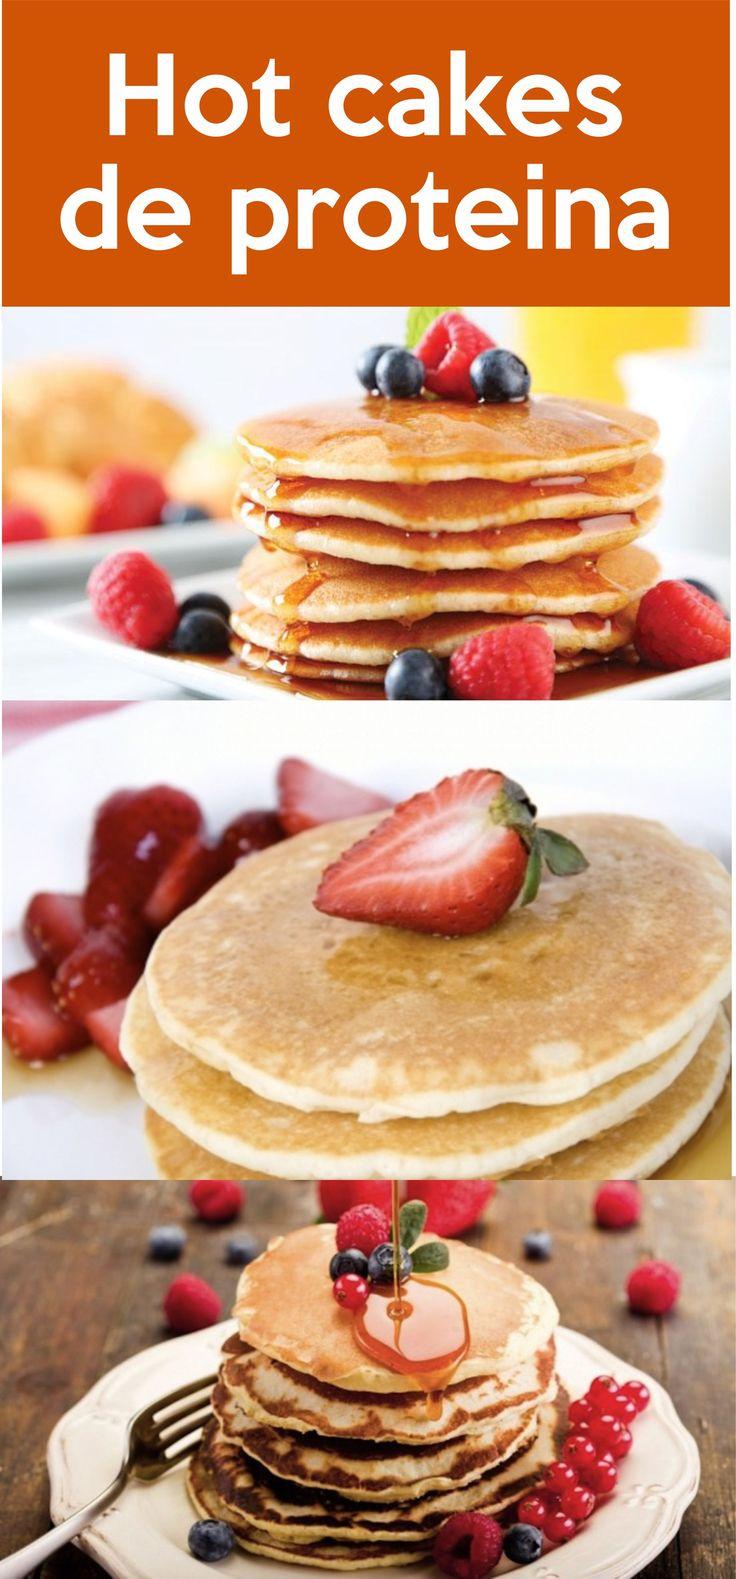 #Receta para hacer hot cakes de #proteina y #avena muy nutritivos y facil de hacer  #comida #gimnasio #food #fitness #saludable #alimentacion #ejercicio #gym